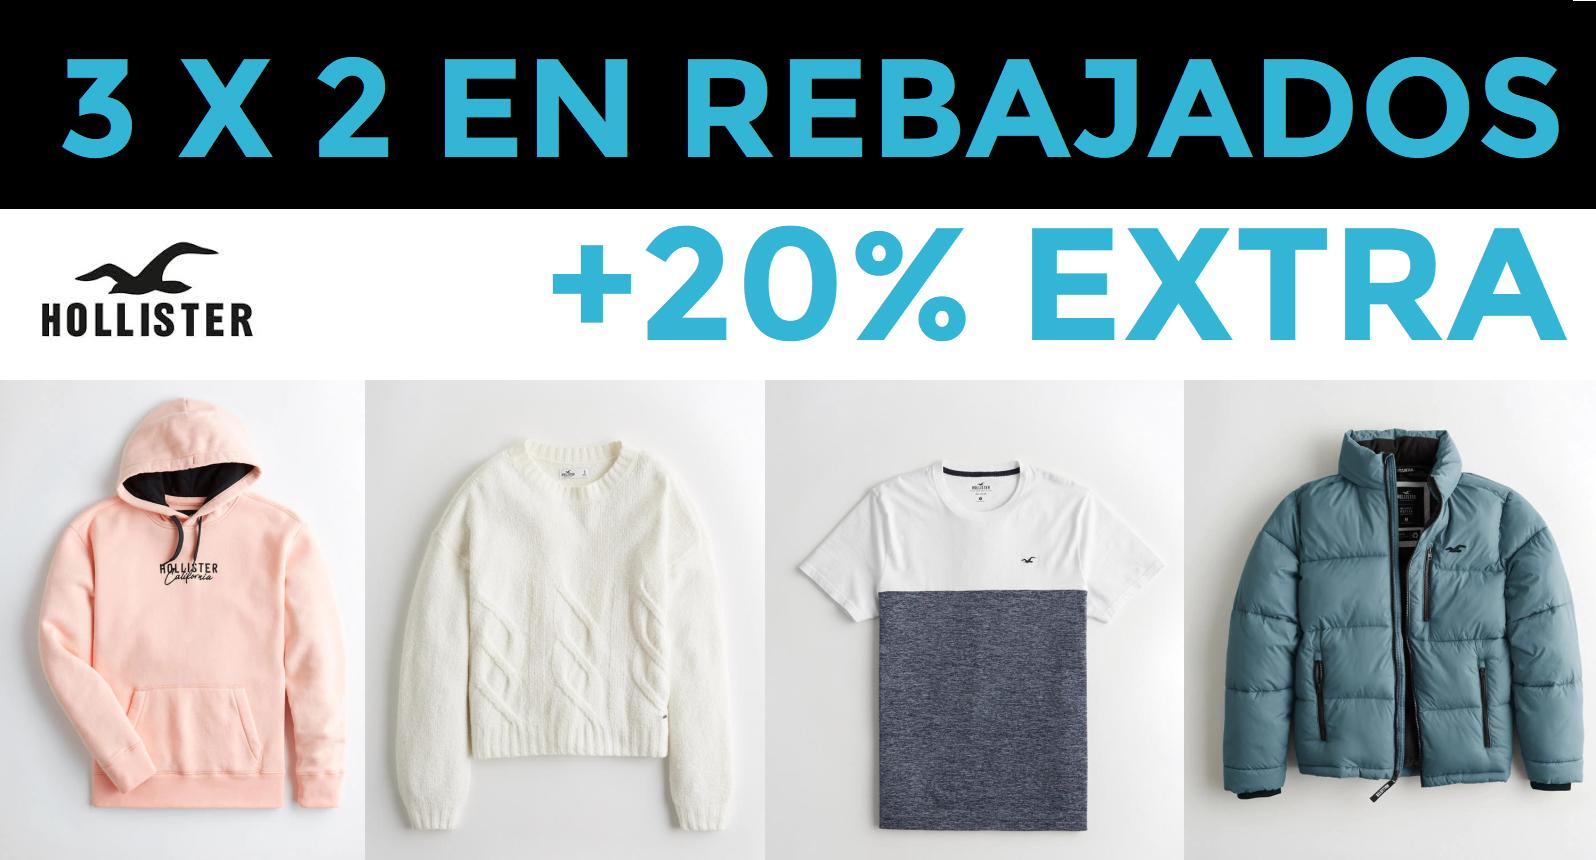 3x2 en artículos rebajados + 20% EXTRA